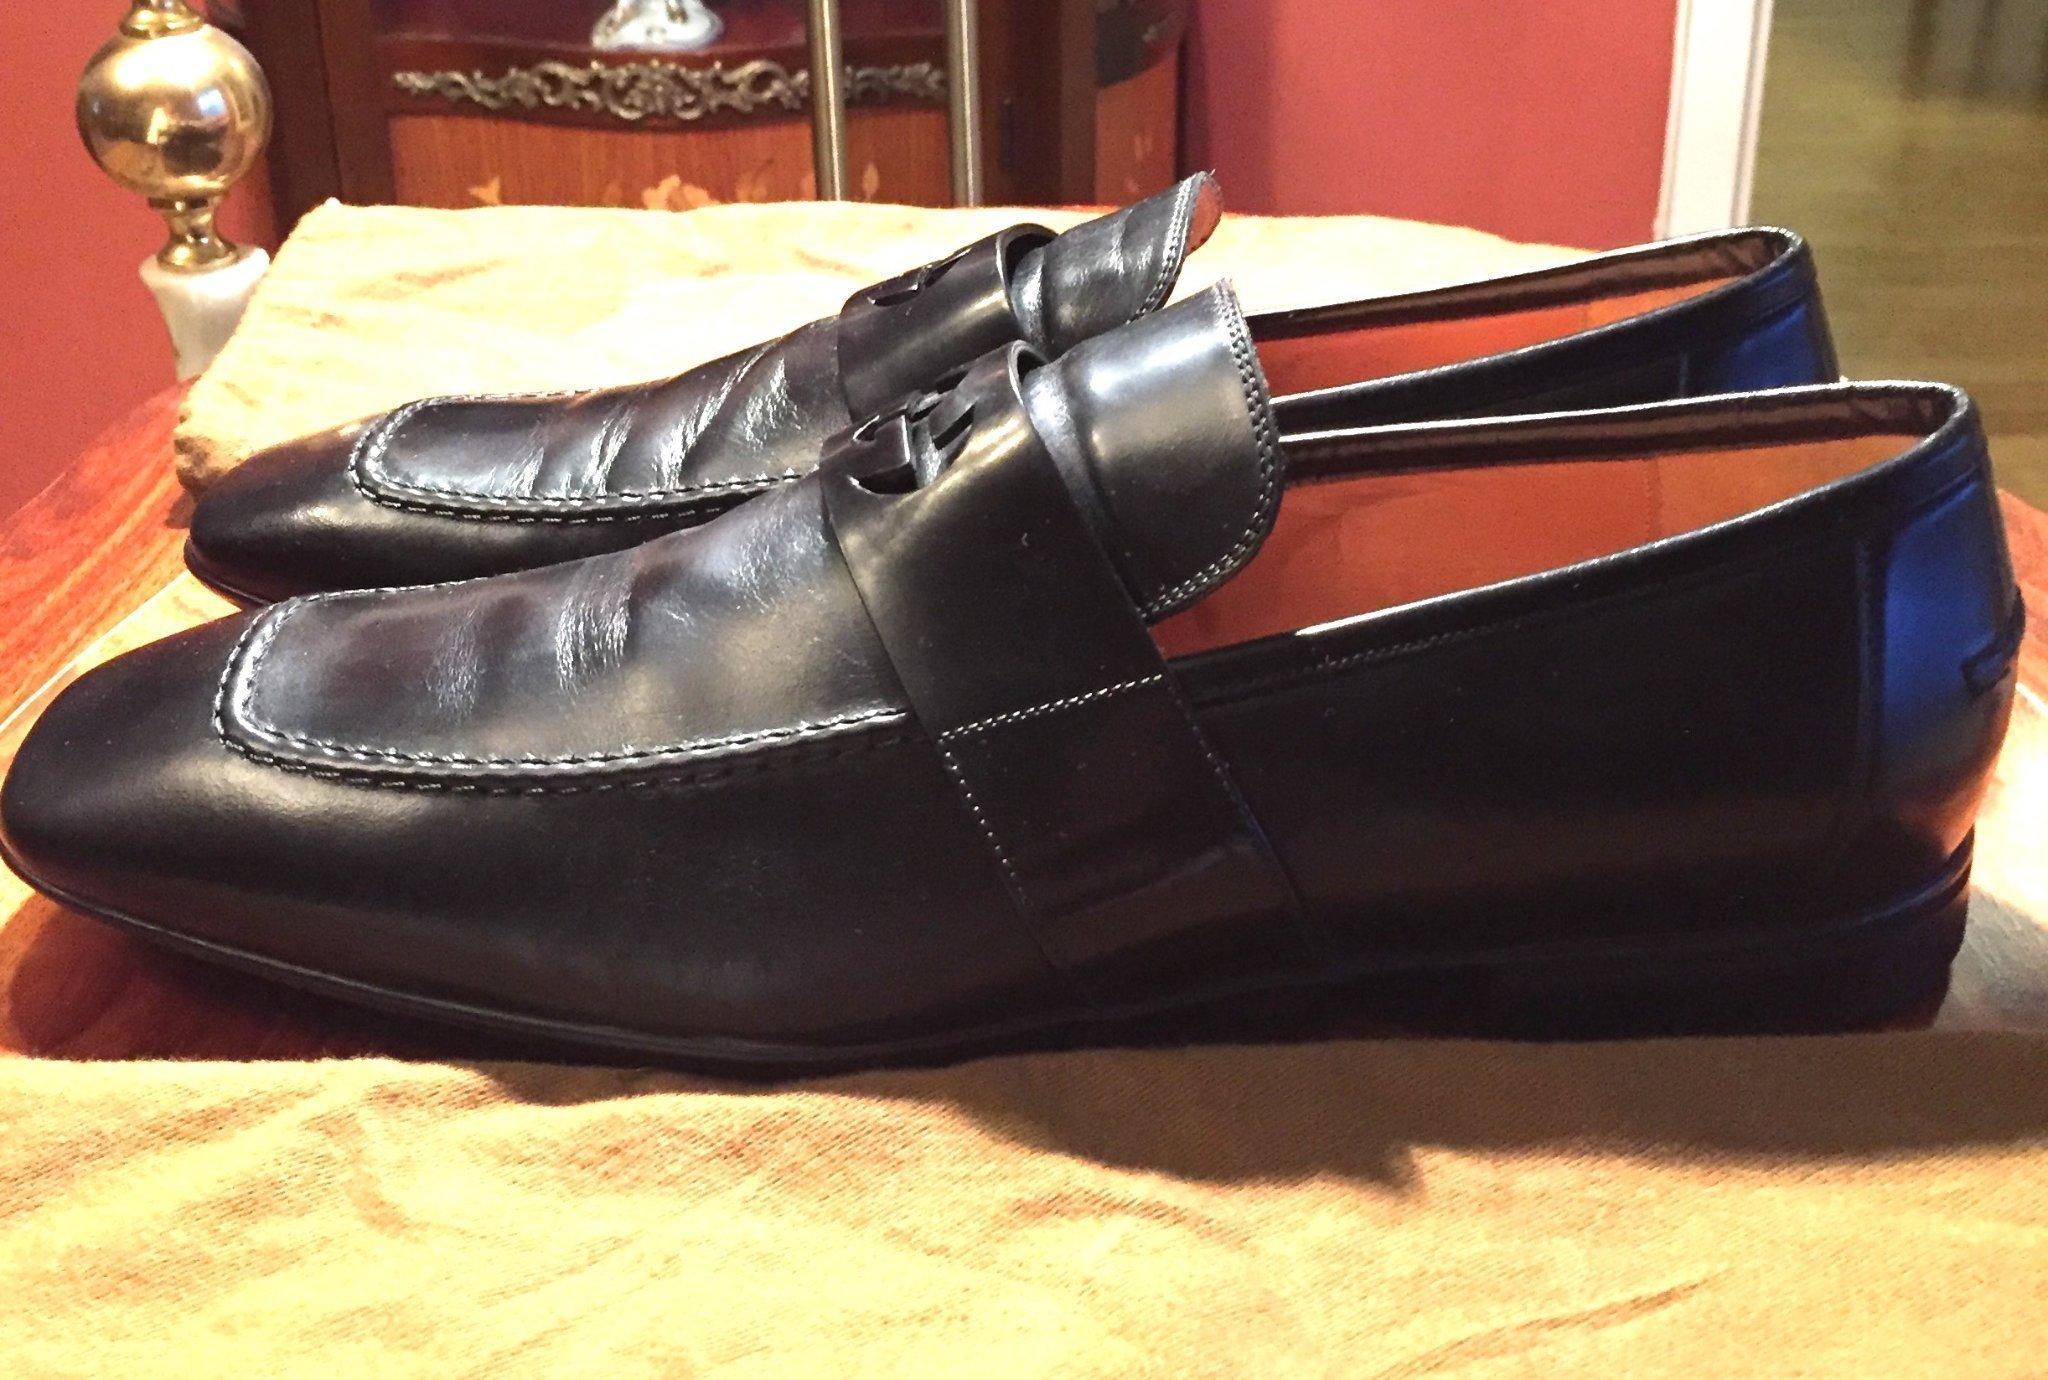 96e686c746b Herr skor loafers Gucci. Storlek 44,5. Nya!!! (354197021) ᐈ Köp på ...